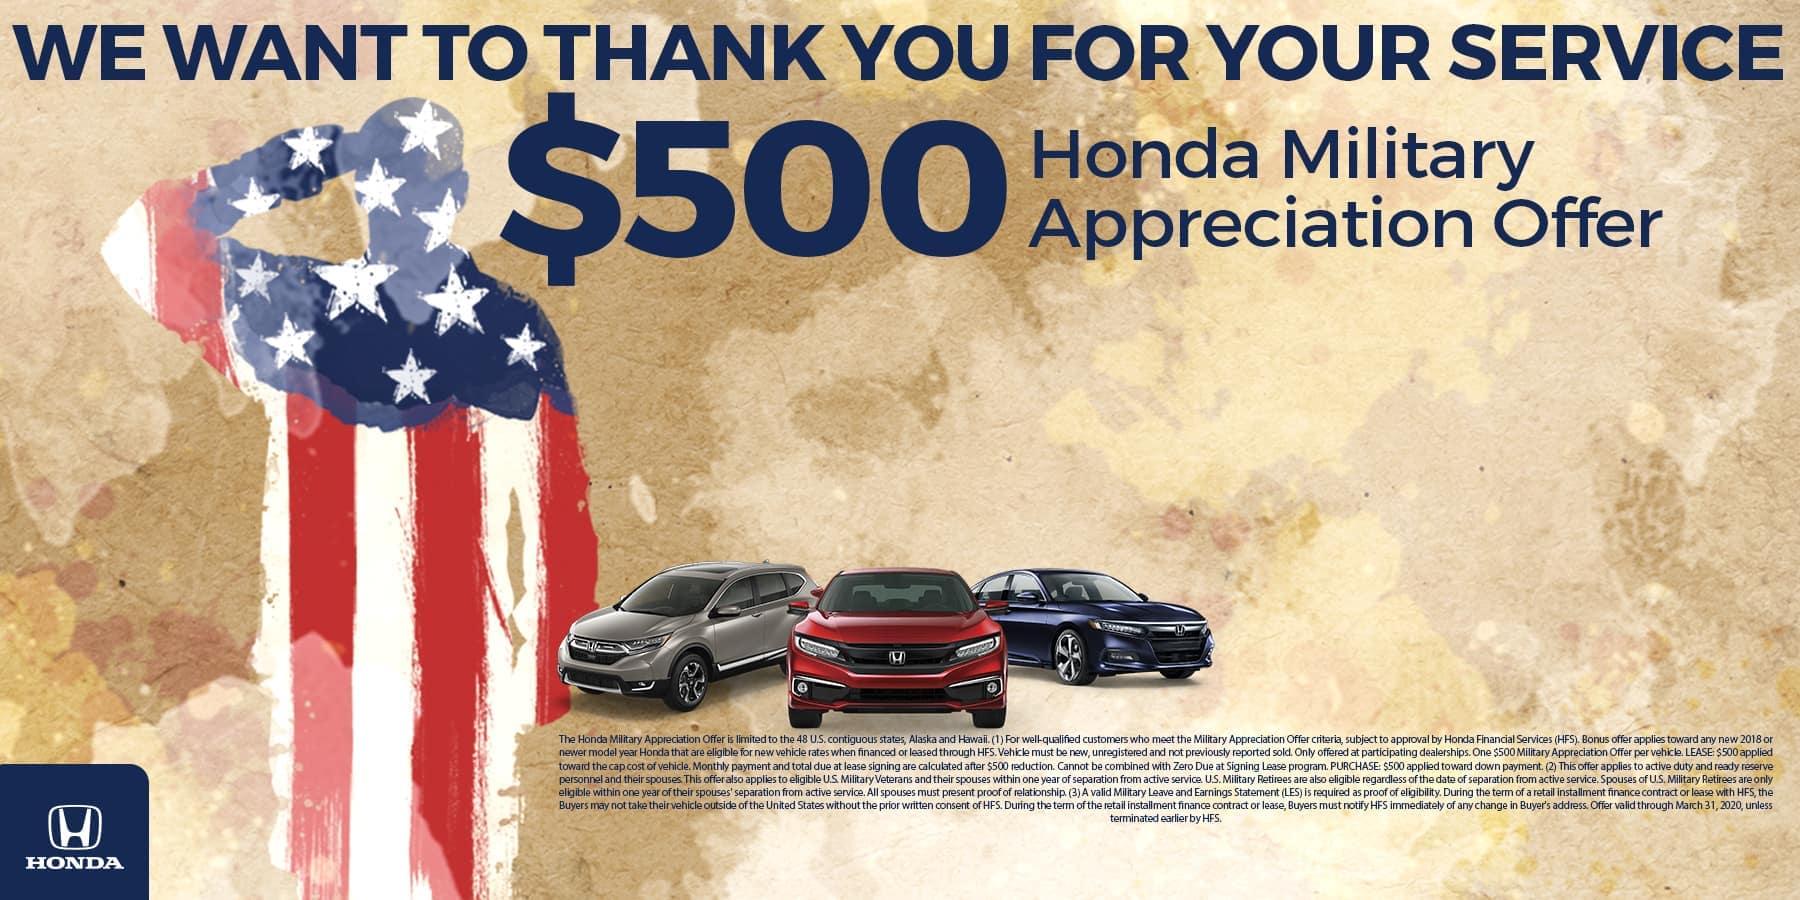 Saluting Star Spangled Soldier and Honda CR-V, Honda Civic, and Honda Accord